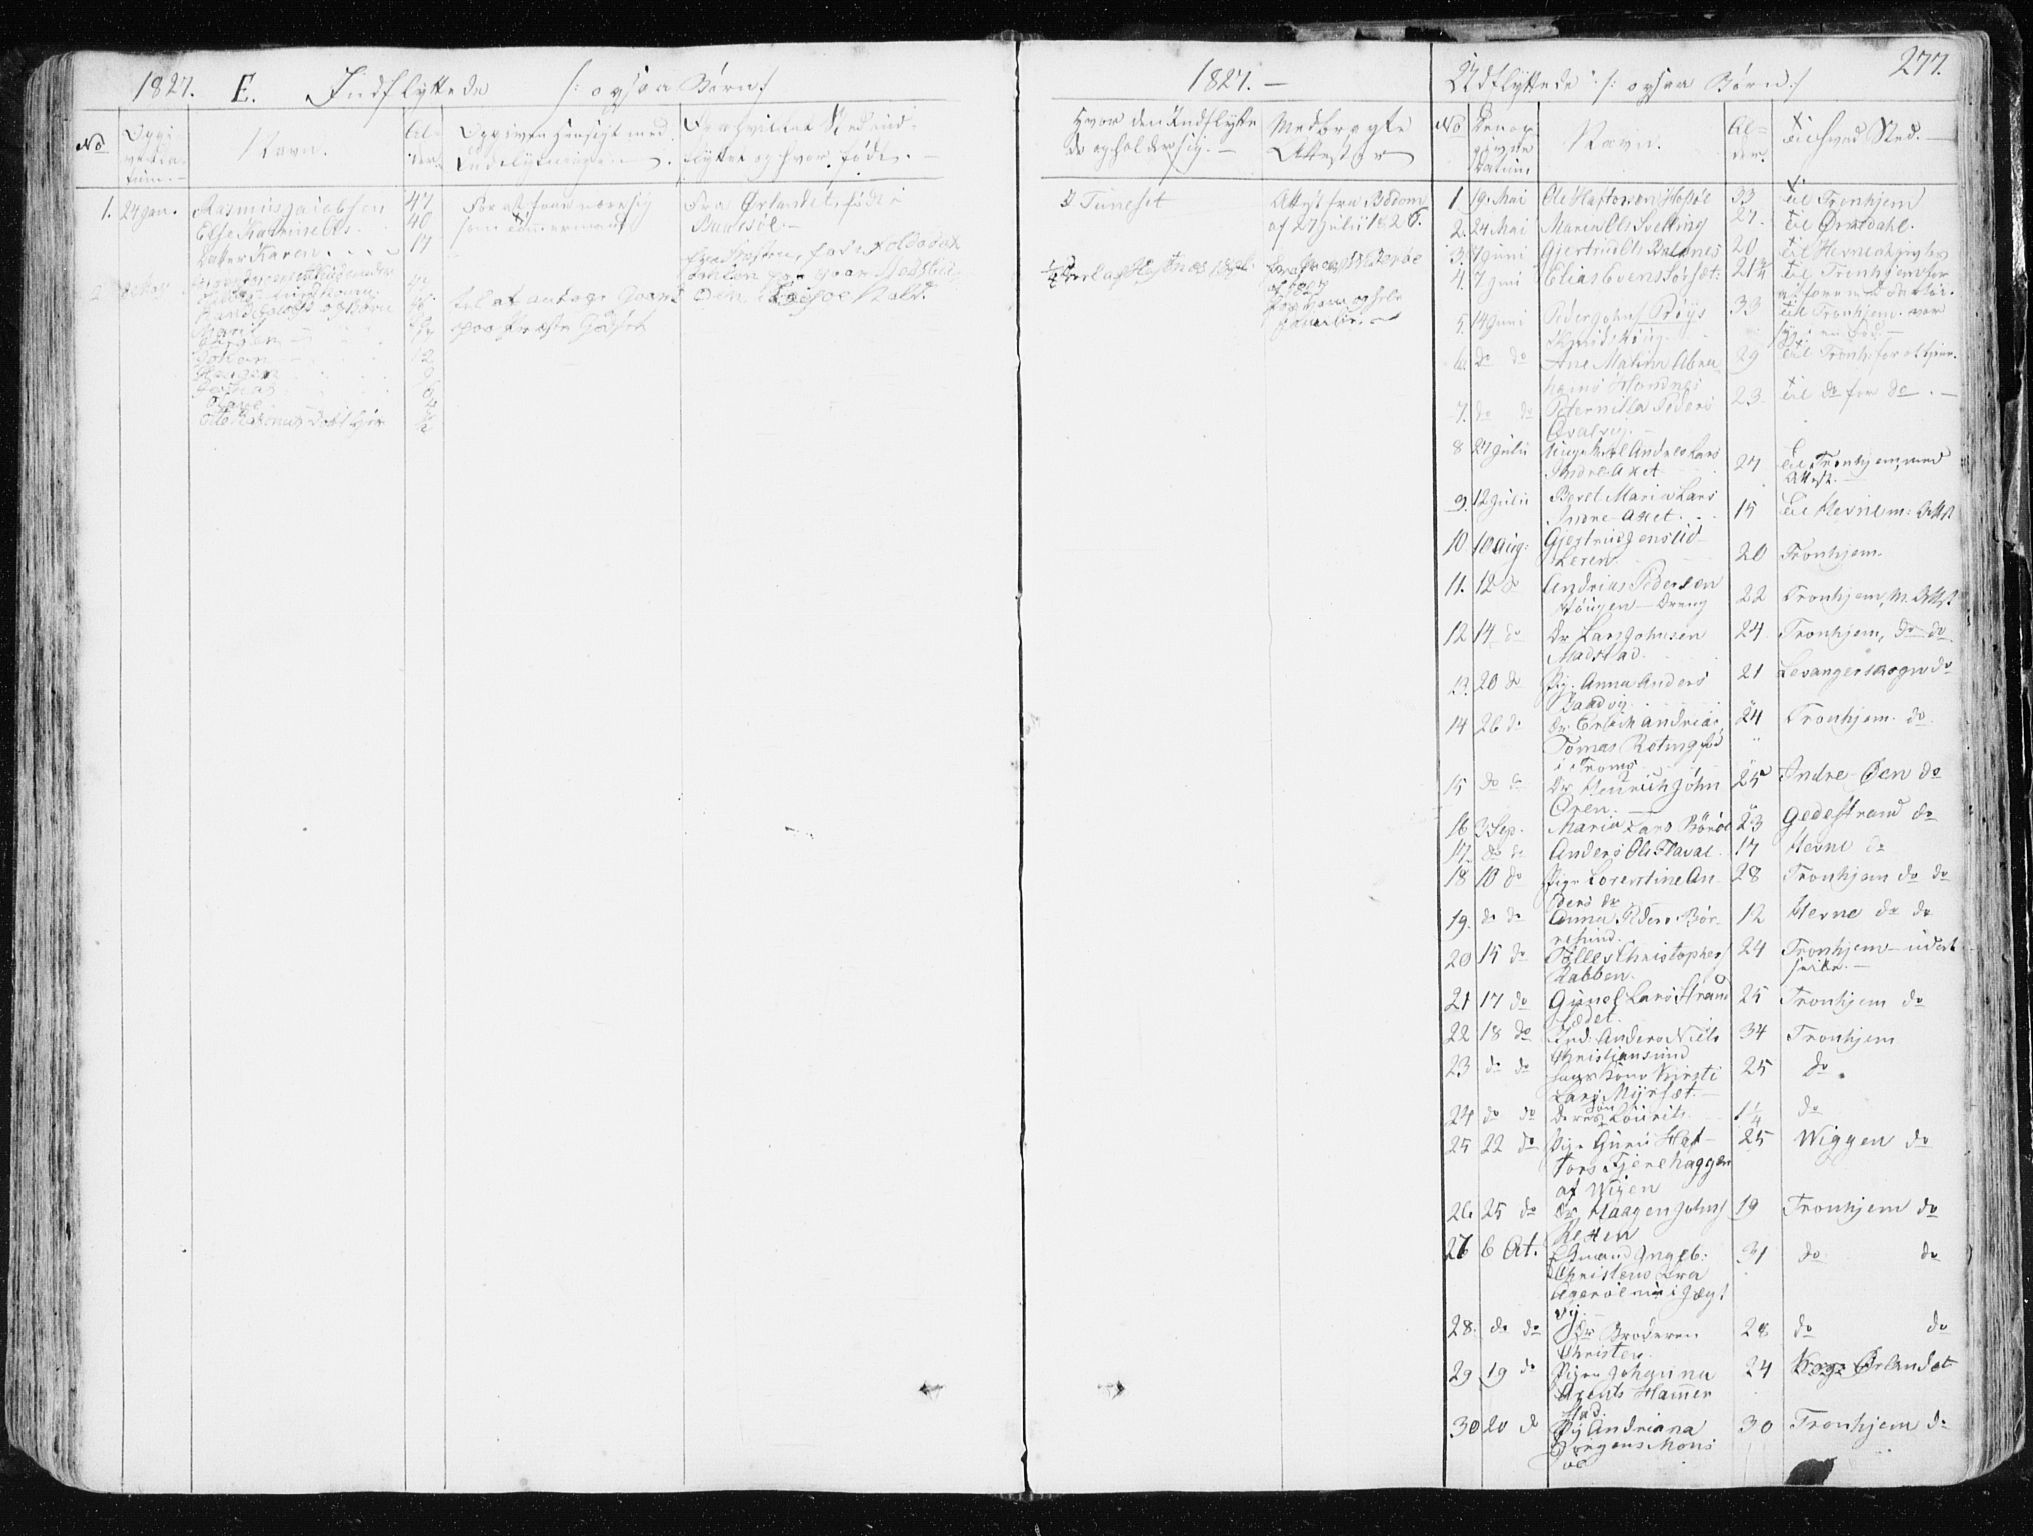 SAT, Ministerialprotokoller, klokkerbøker og fødselsregistre - Sør-Trøndelag, 634/L0528: Ministerialbok nr. 634A04, 1827-1842, s. 277